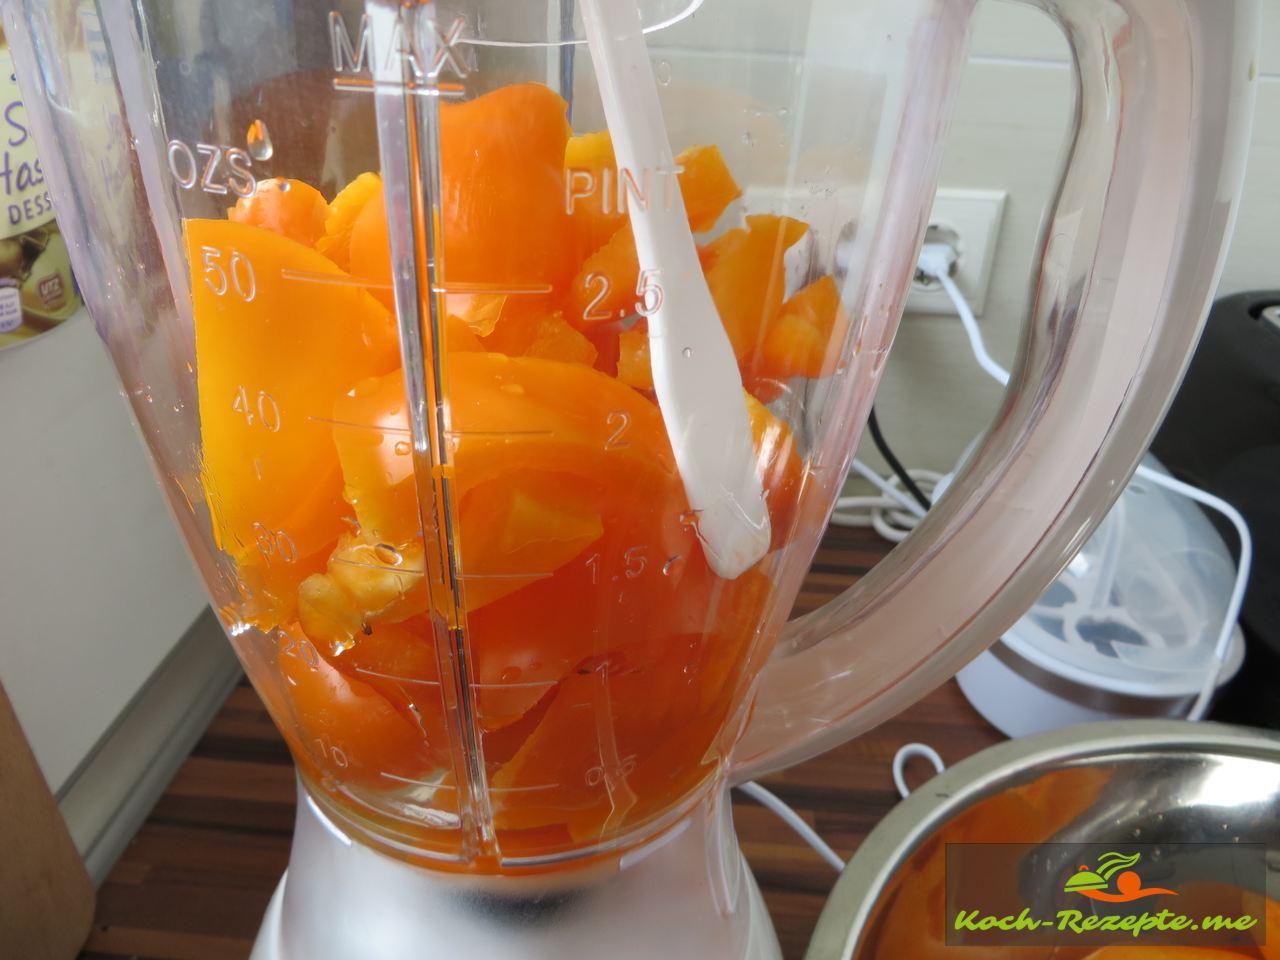 Alle Zutaten wie Paprika, Tomaten, Zwiebeln, Knoblauch und Sardellen in den Mixer geben und pürieren